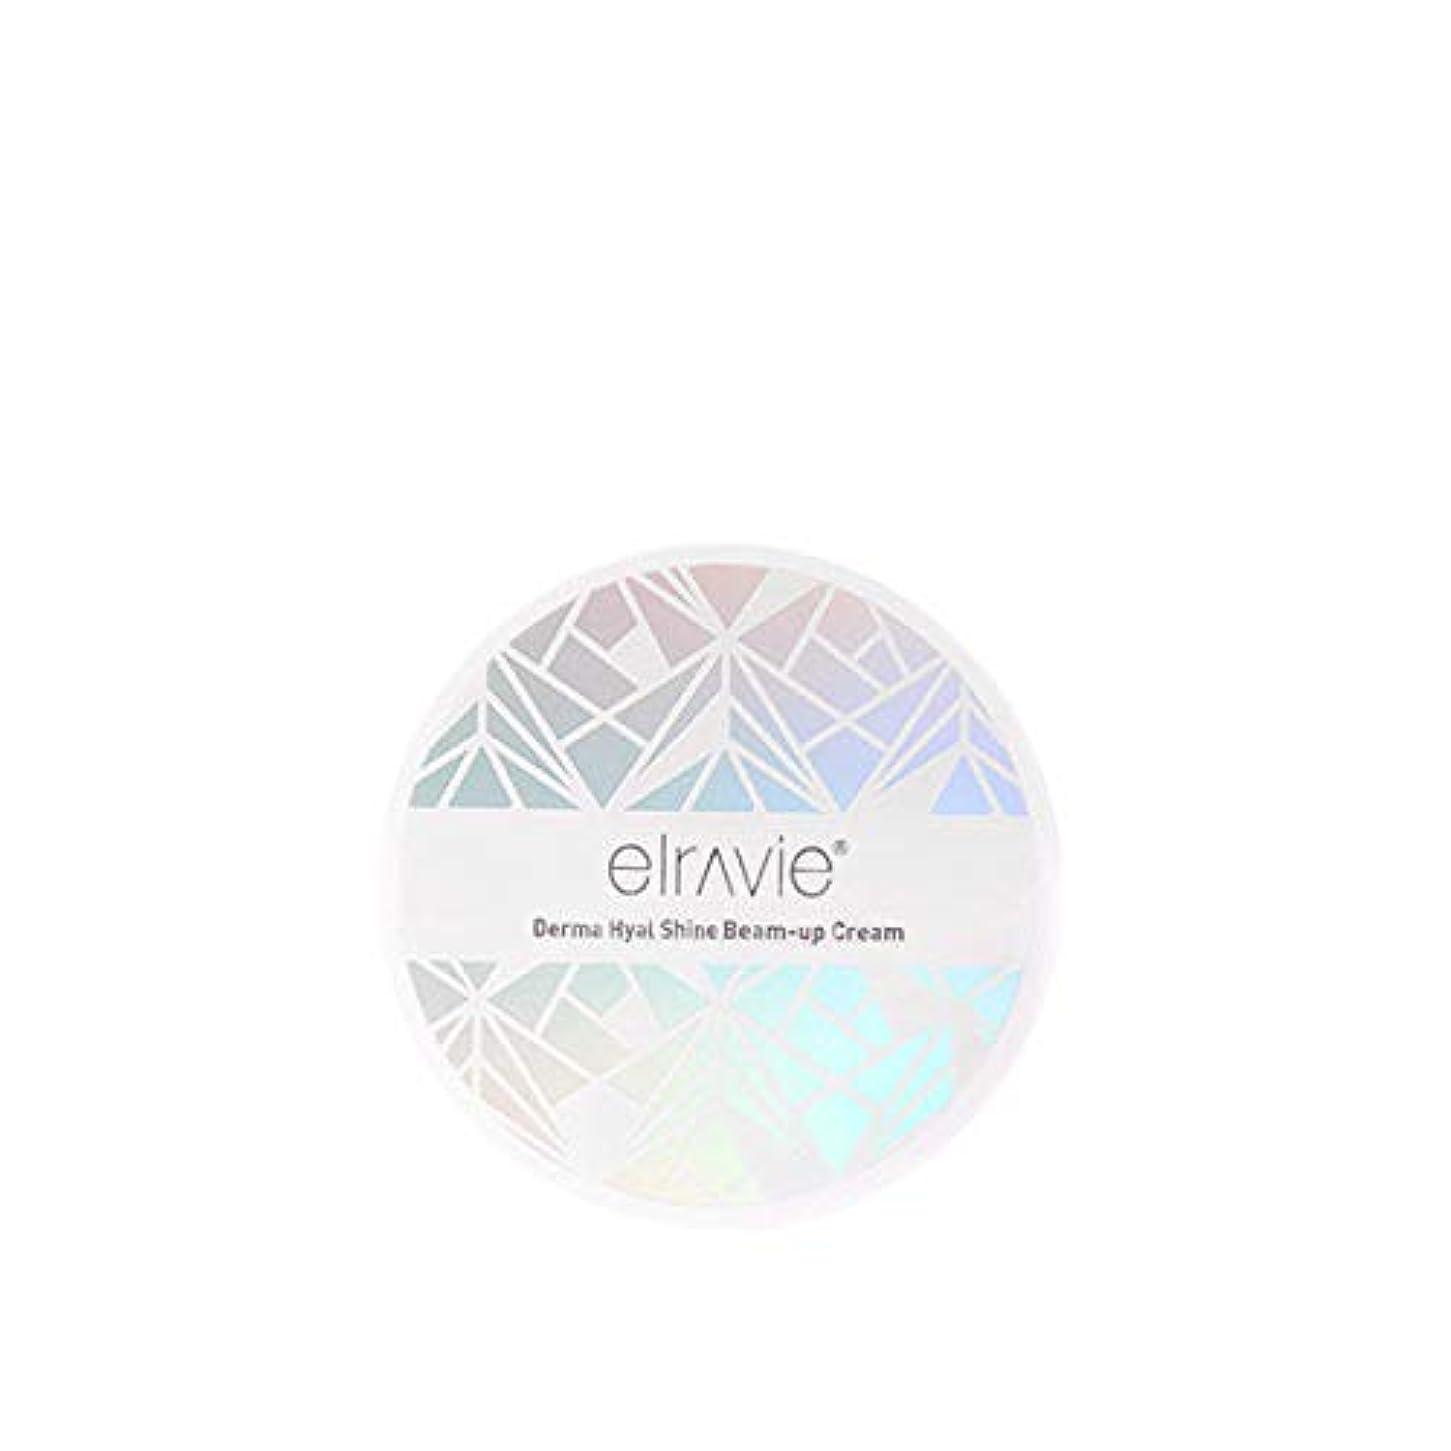 ブレンドパントリーアルカイックエラヴィー[Elravie] ダーマヒアルロン酸 輝くビームアップクリーム15g / Derma Hyal Shine Beam-up Cream